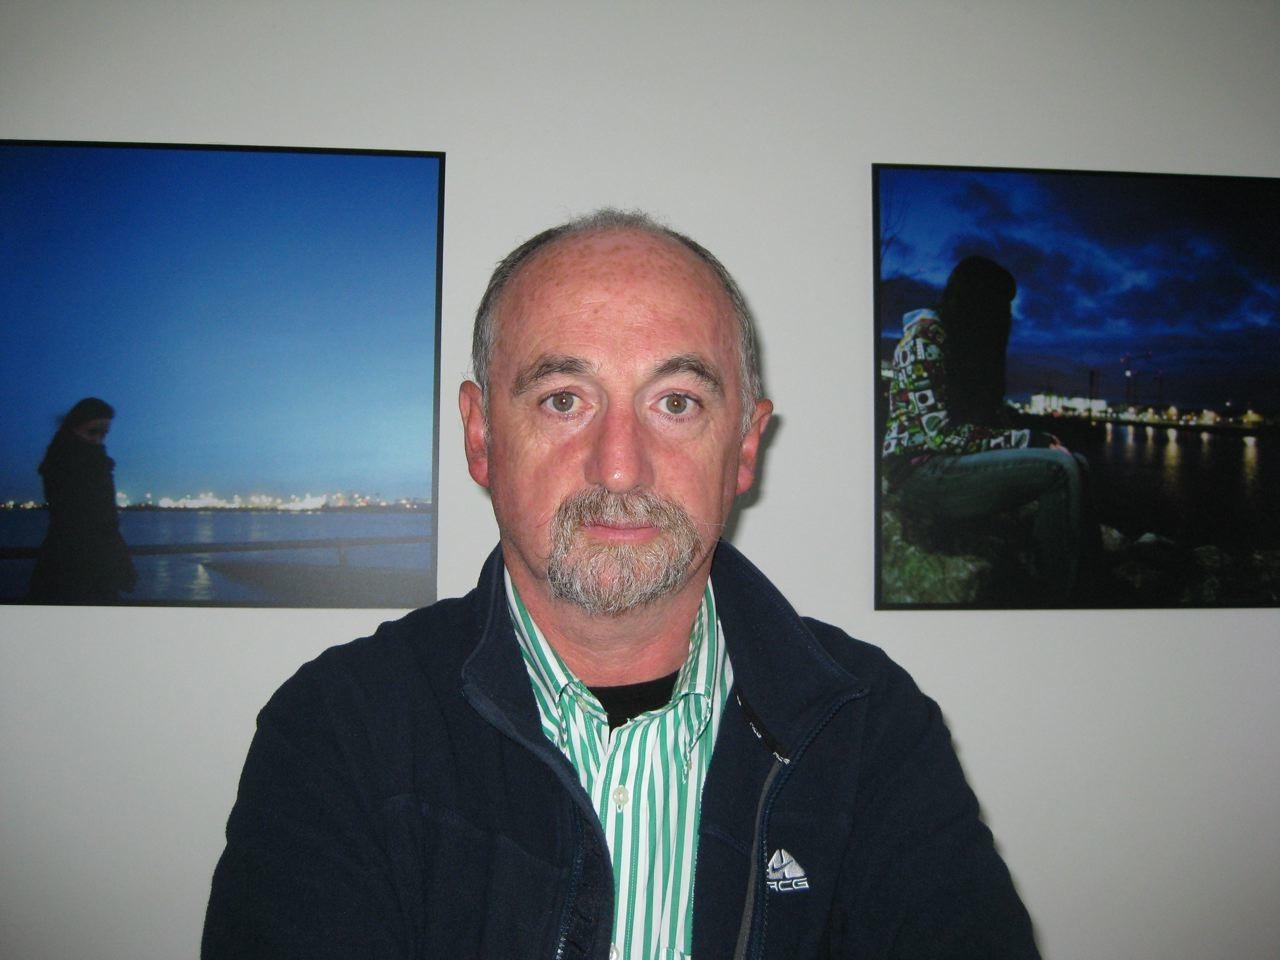 Gerry Gregg